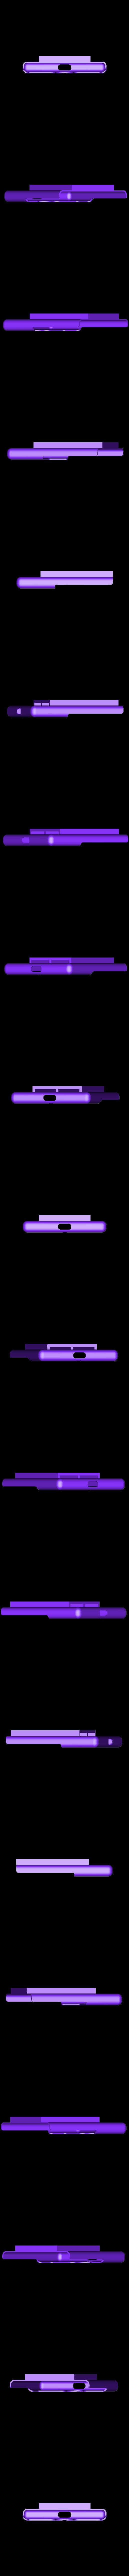 iGrip-iPhone6-mount-v2.STL Télécharger fichier STL gratuit Monture iGrip pour iPhone-6 • Modèle pour imprimante 3D, Cornbald